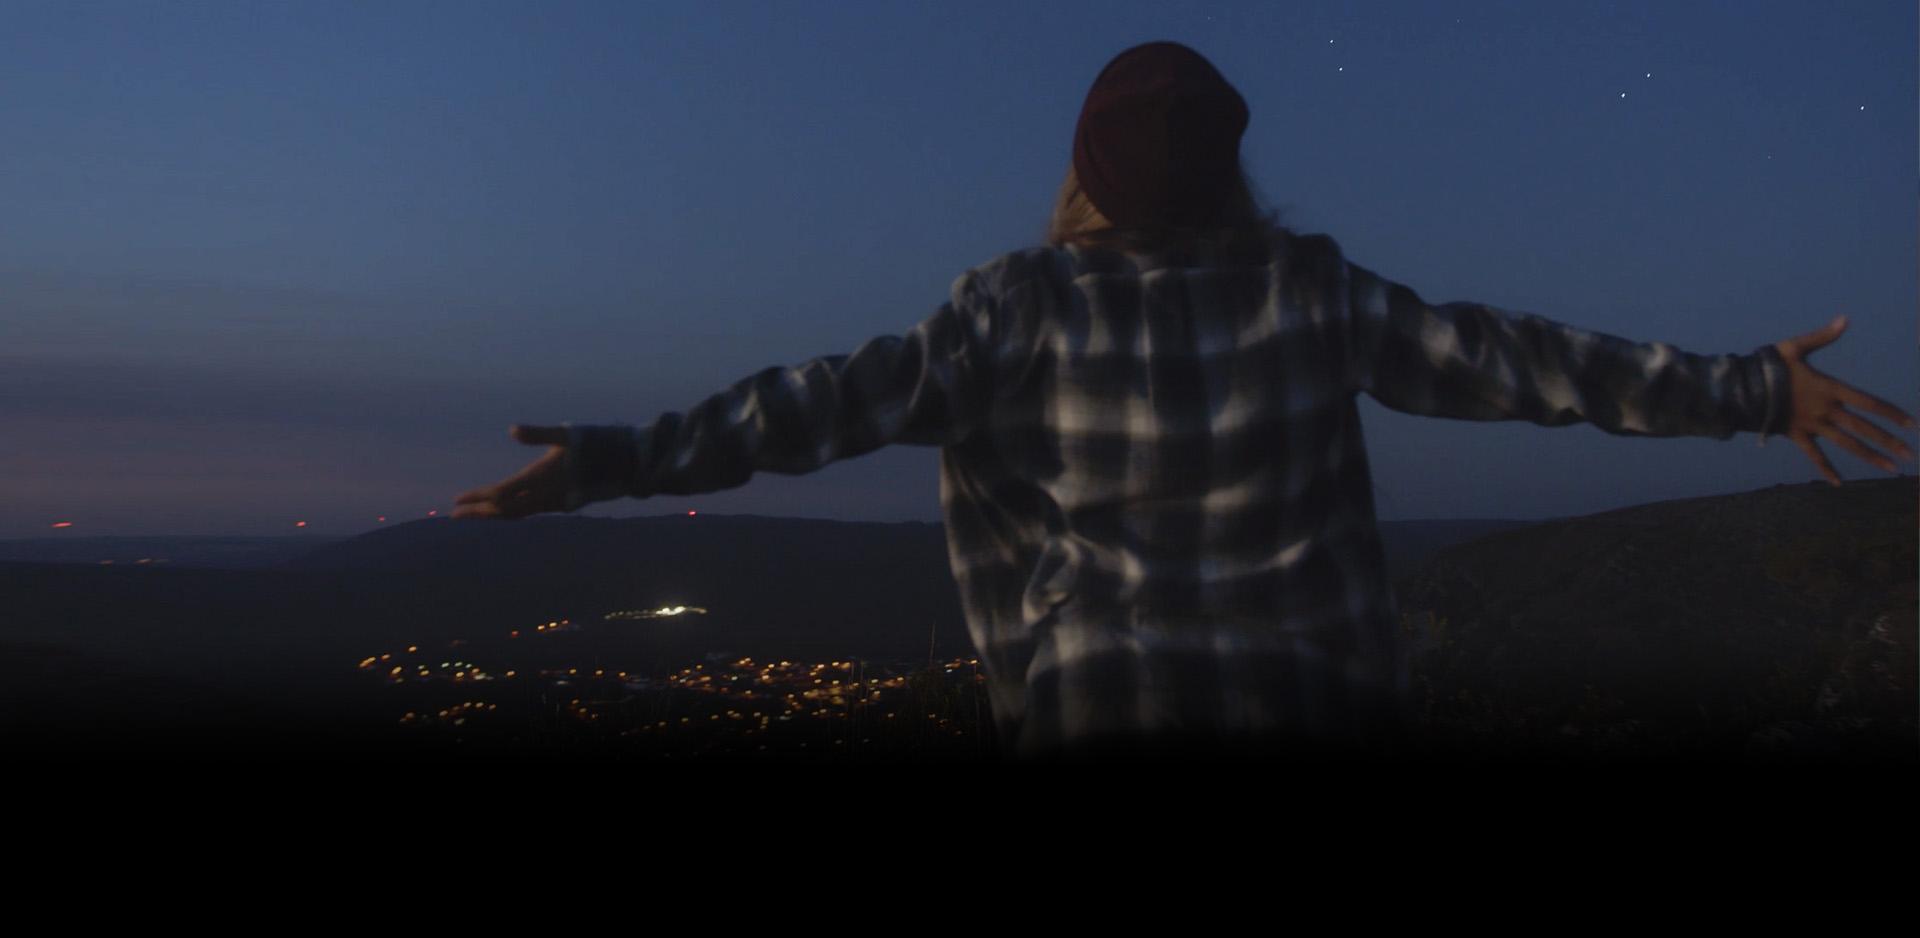 Jovem de braços abertos ao cimo de uma montanha, a abraçar a paisagem, ao anoitecer